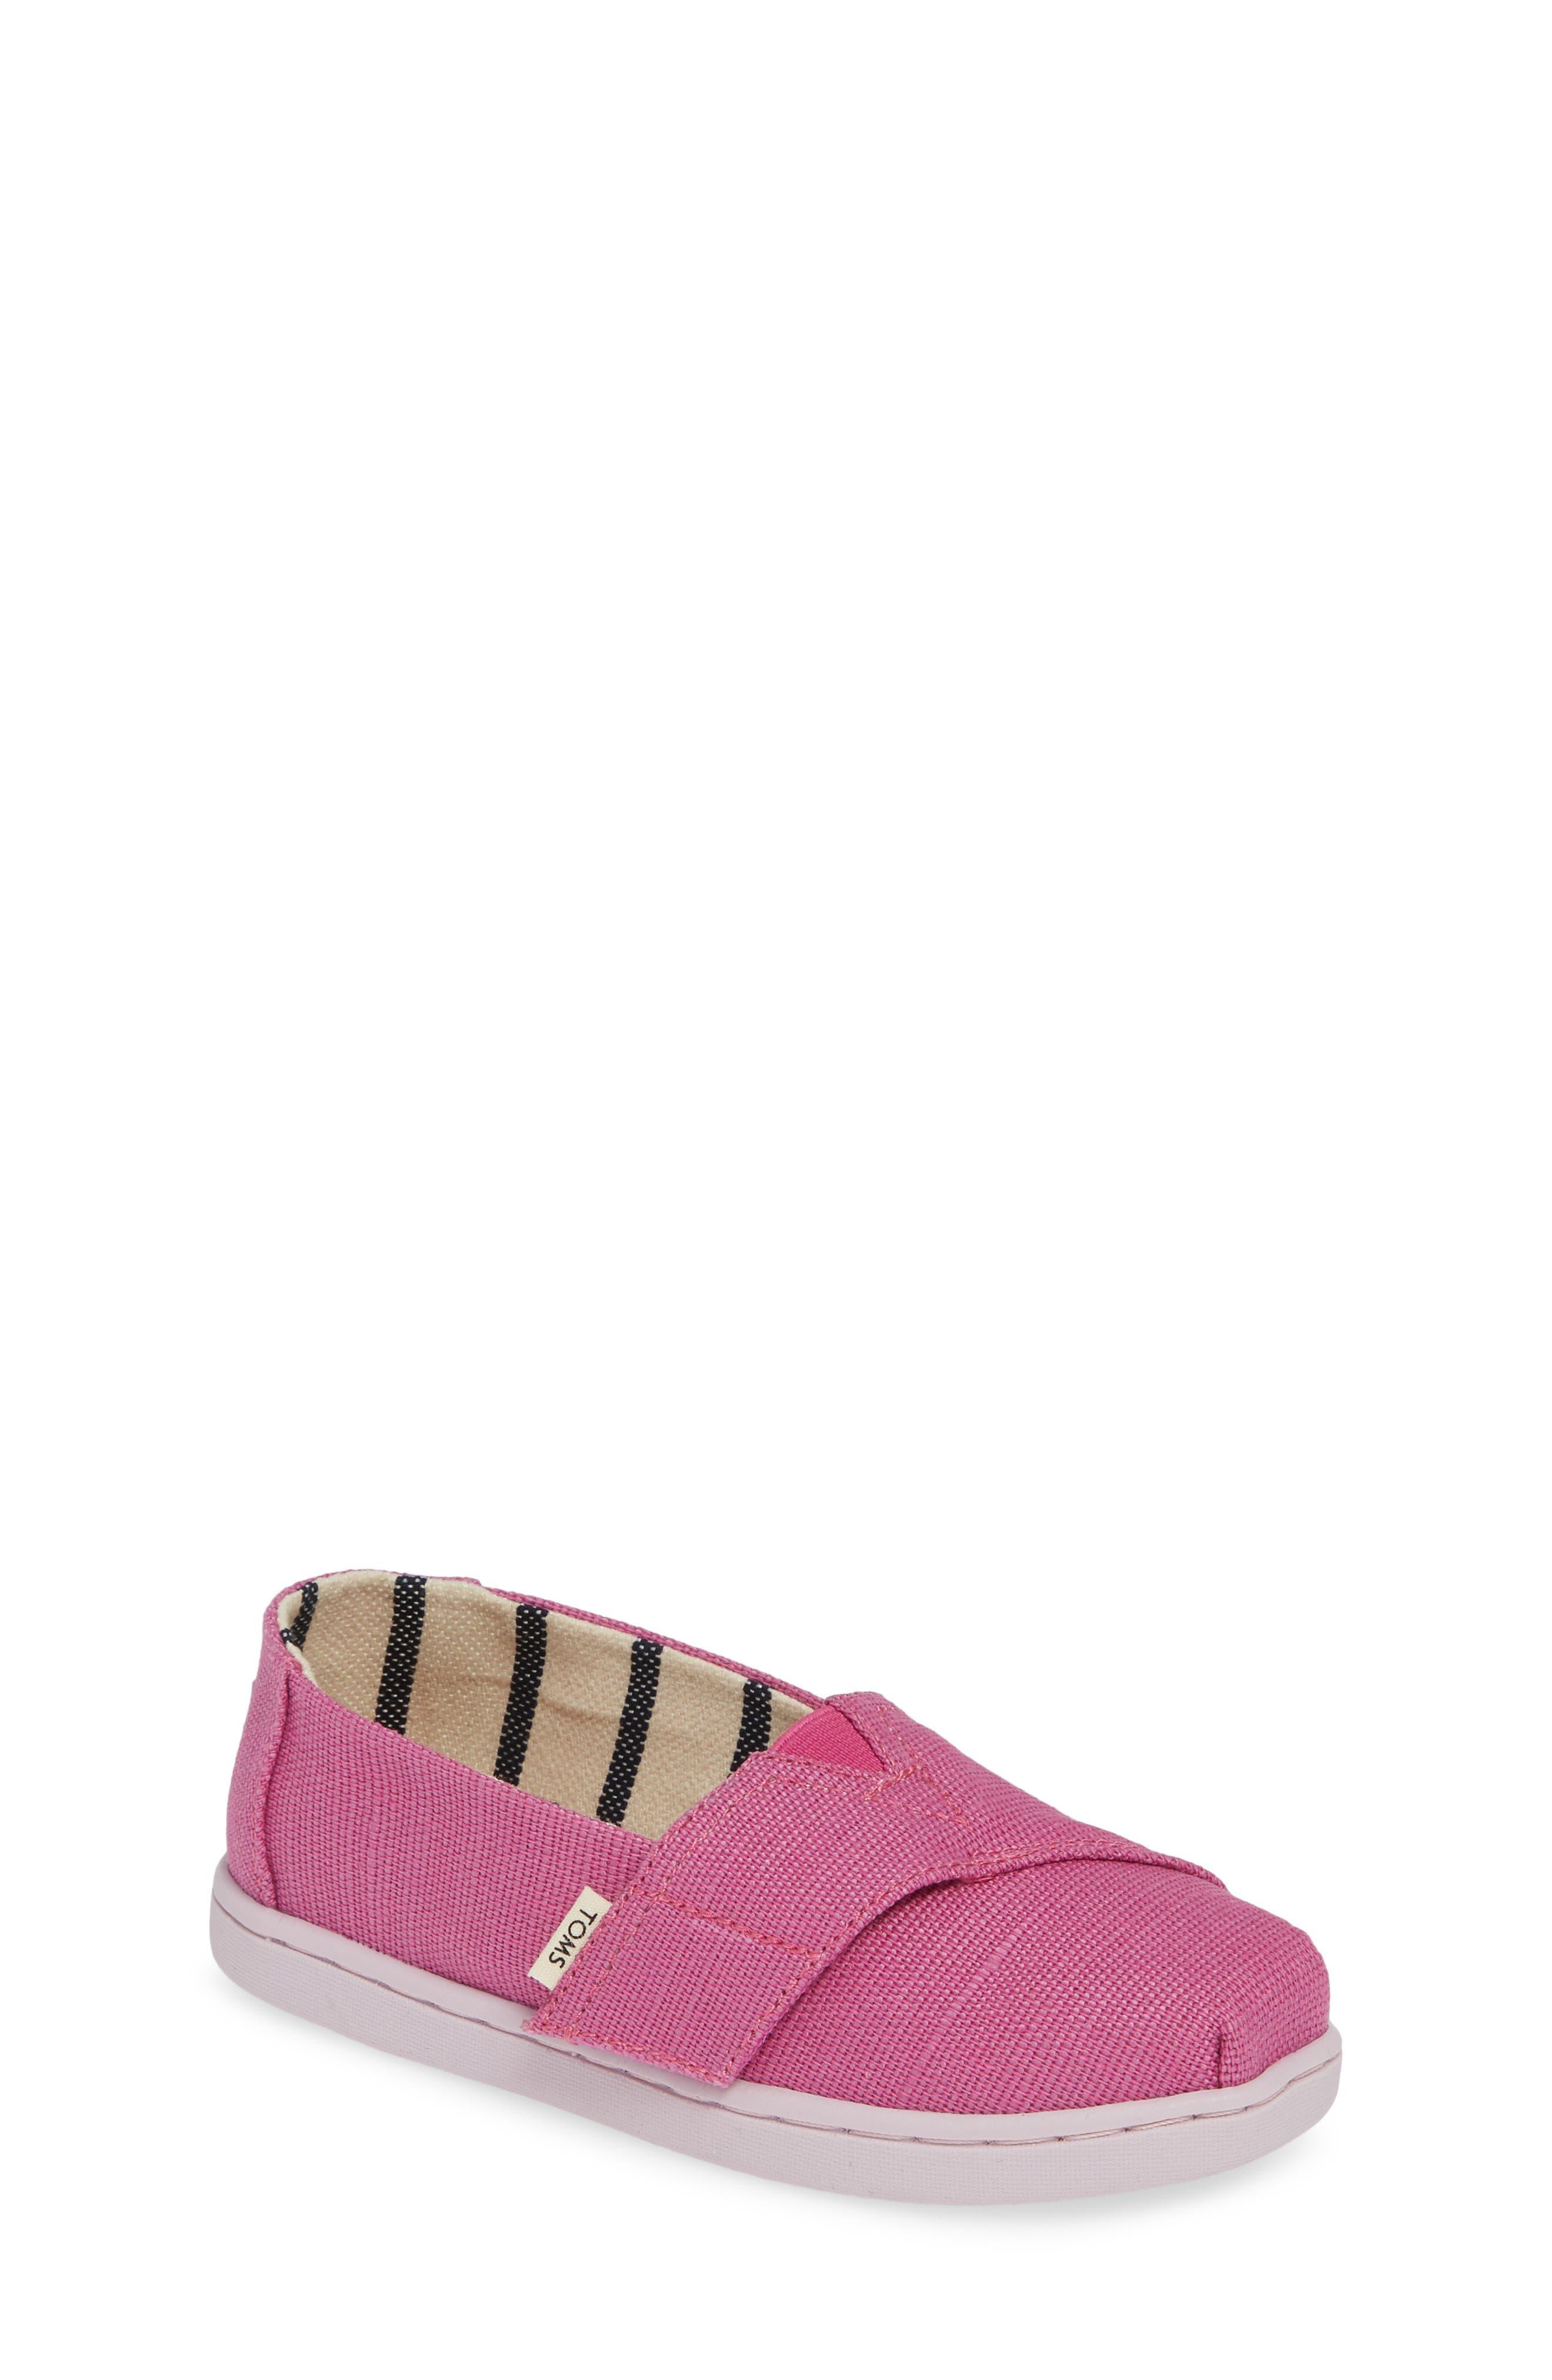 e05fc5a265a TOMS Baby Shoes